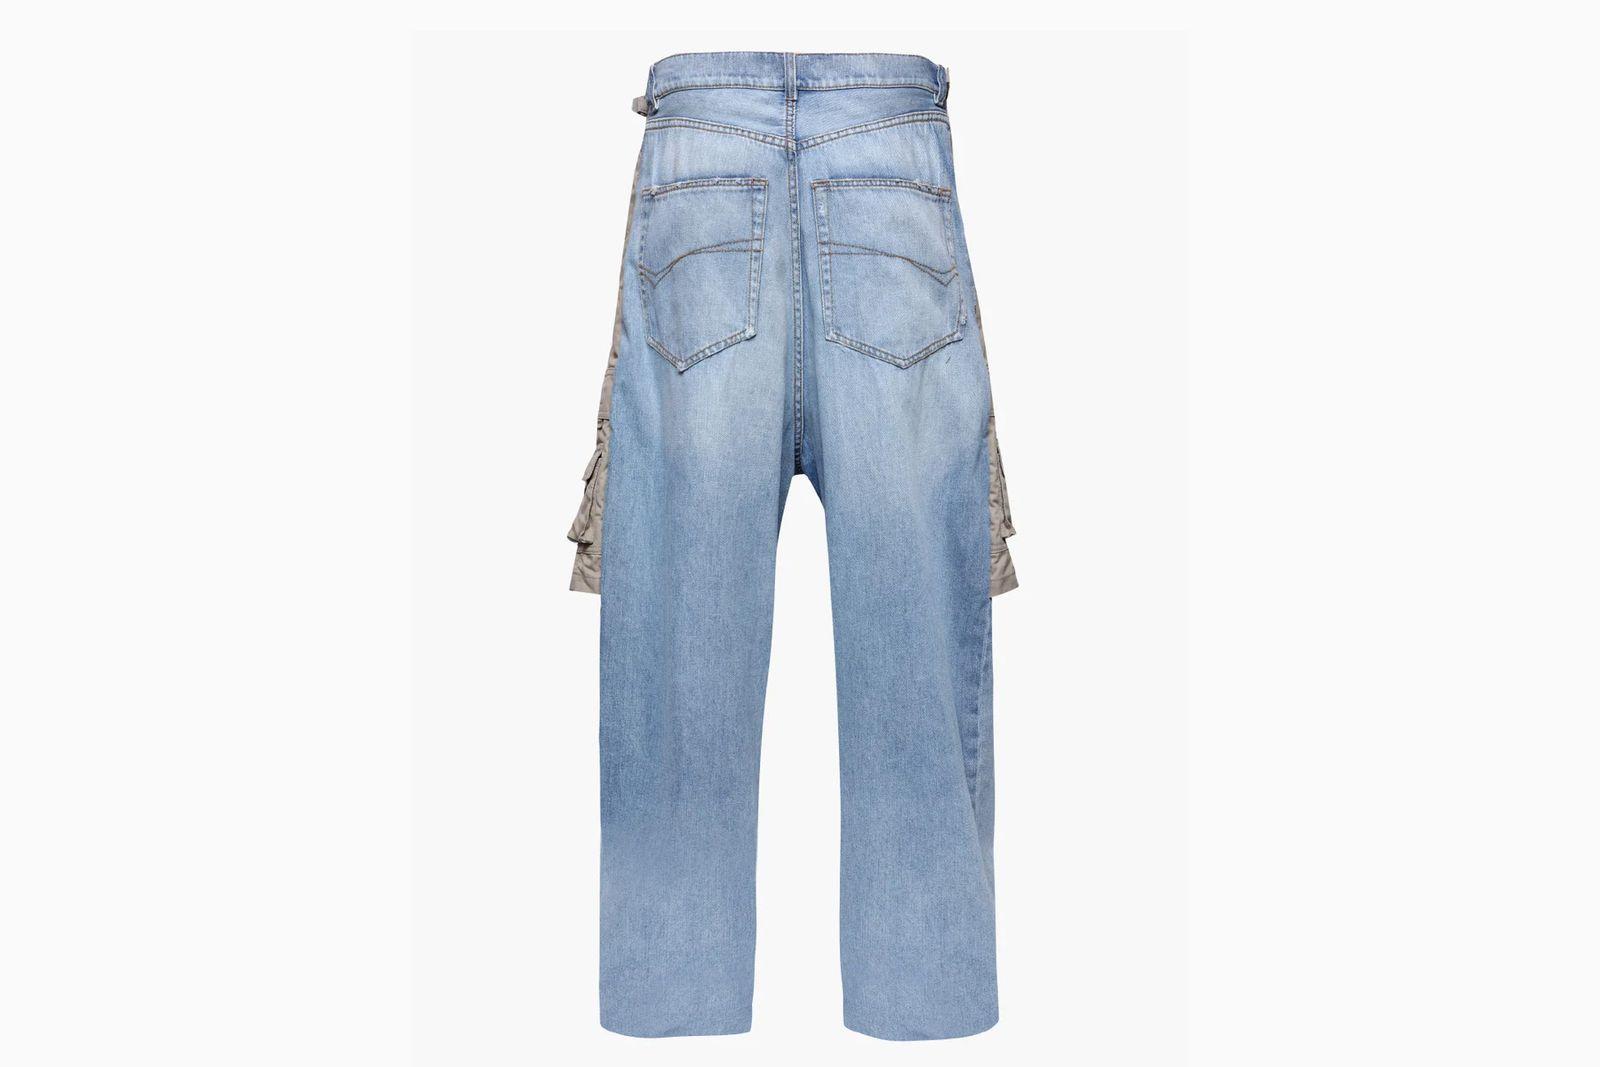 Balenciaga jean cargo shorts back